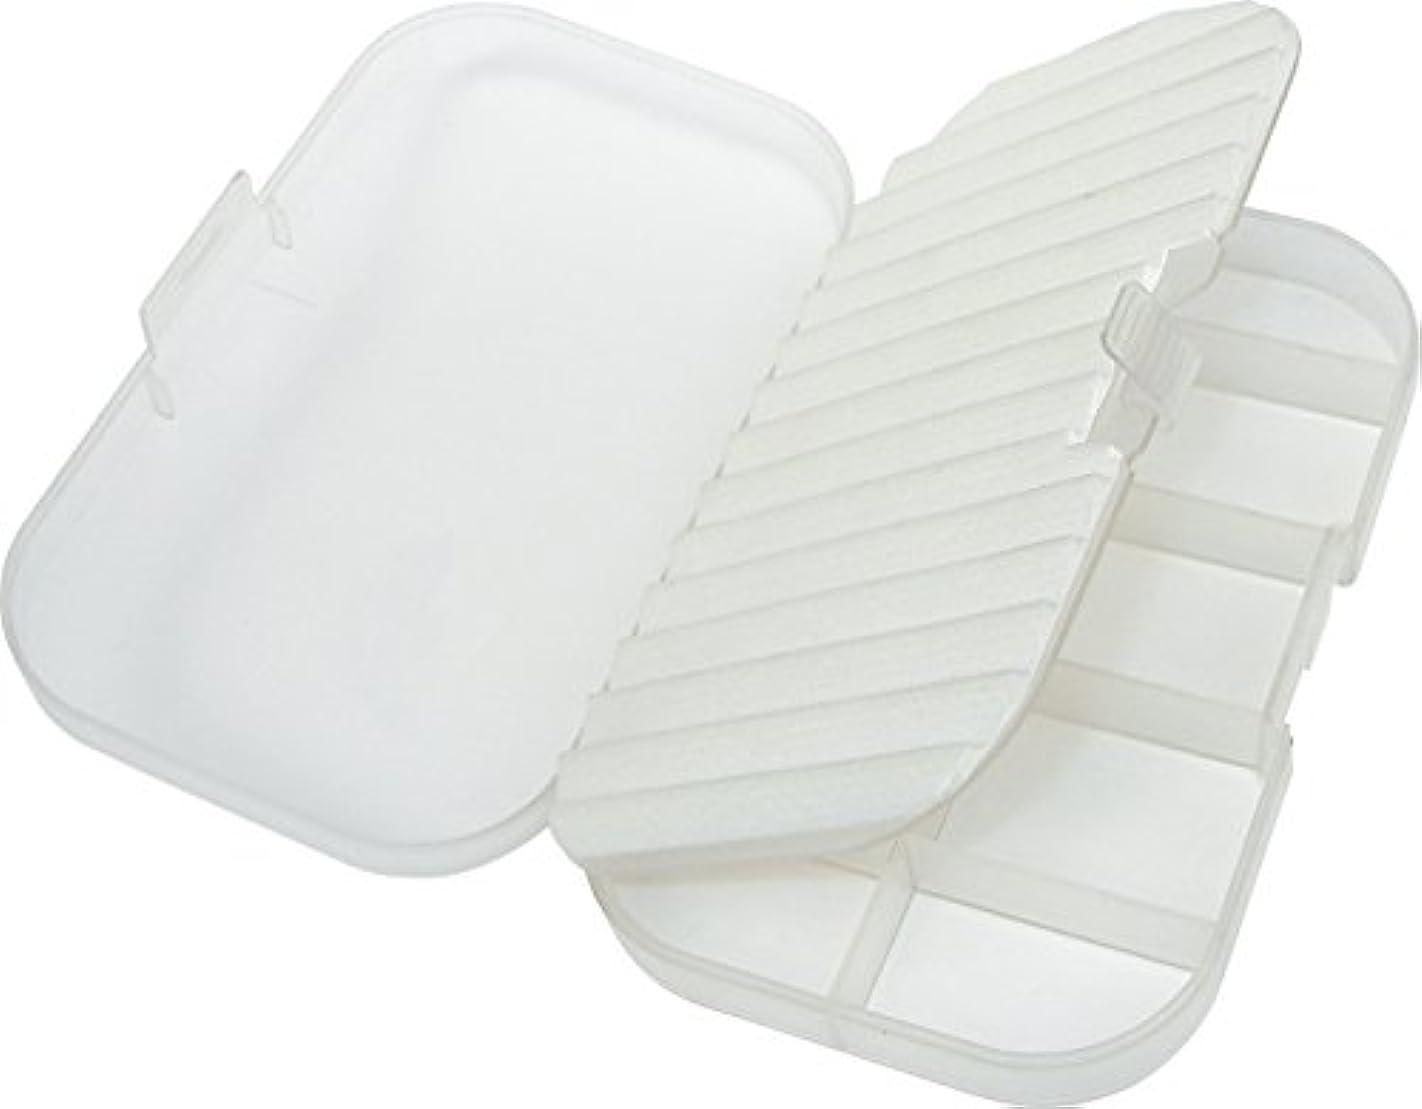 天窓昆虫を見る民主主義キャップス(Caps) フライボックス Caps ST-LフライBOX タイプ2 10C/リーフ/フォーム